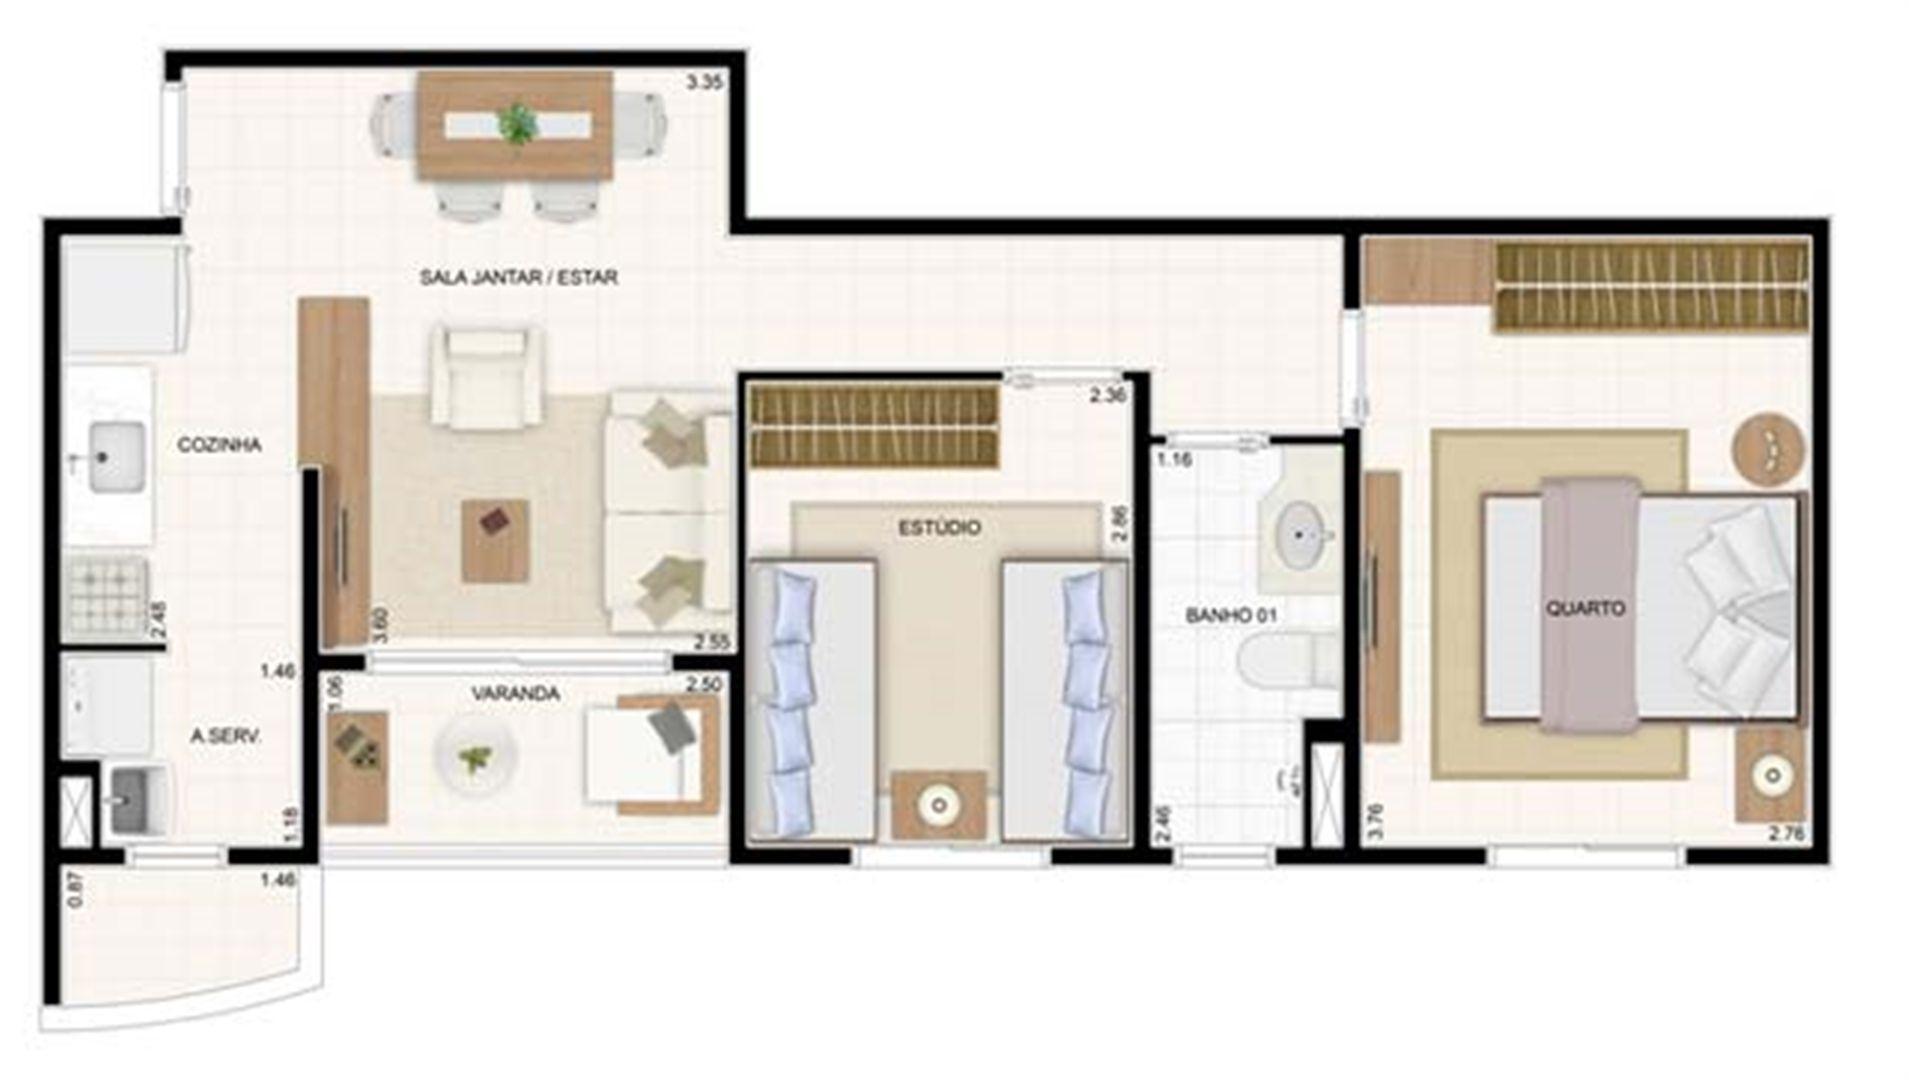 2 dorms 49,61m² 2 dorms 55m² | Vita 2 Residencial Clube – Apartamento no  Pitimbu - Natal - Rio Grande do Norte